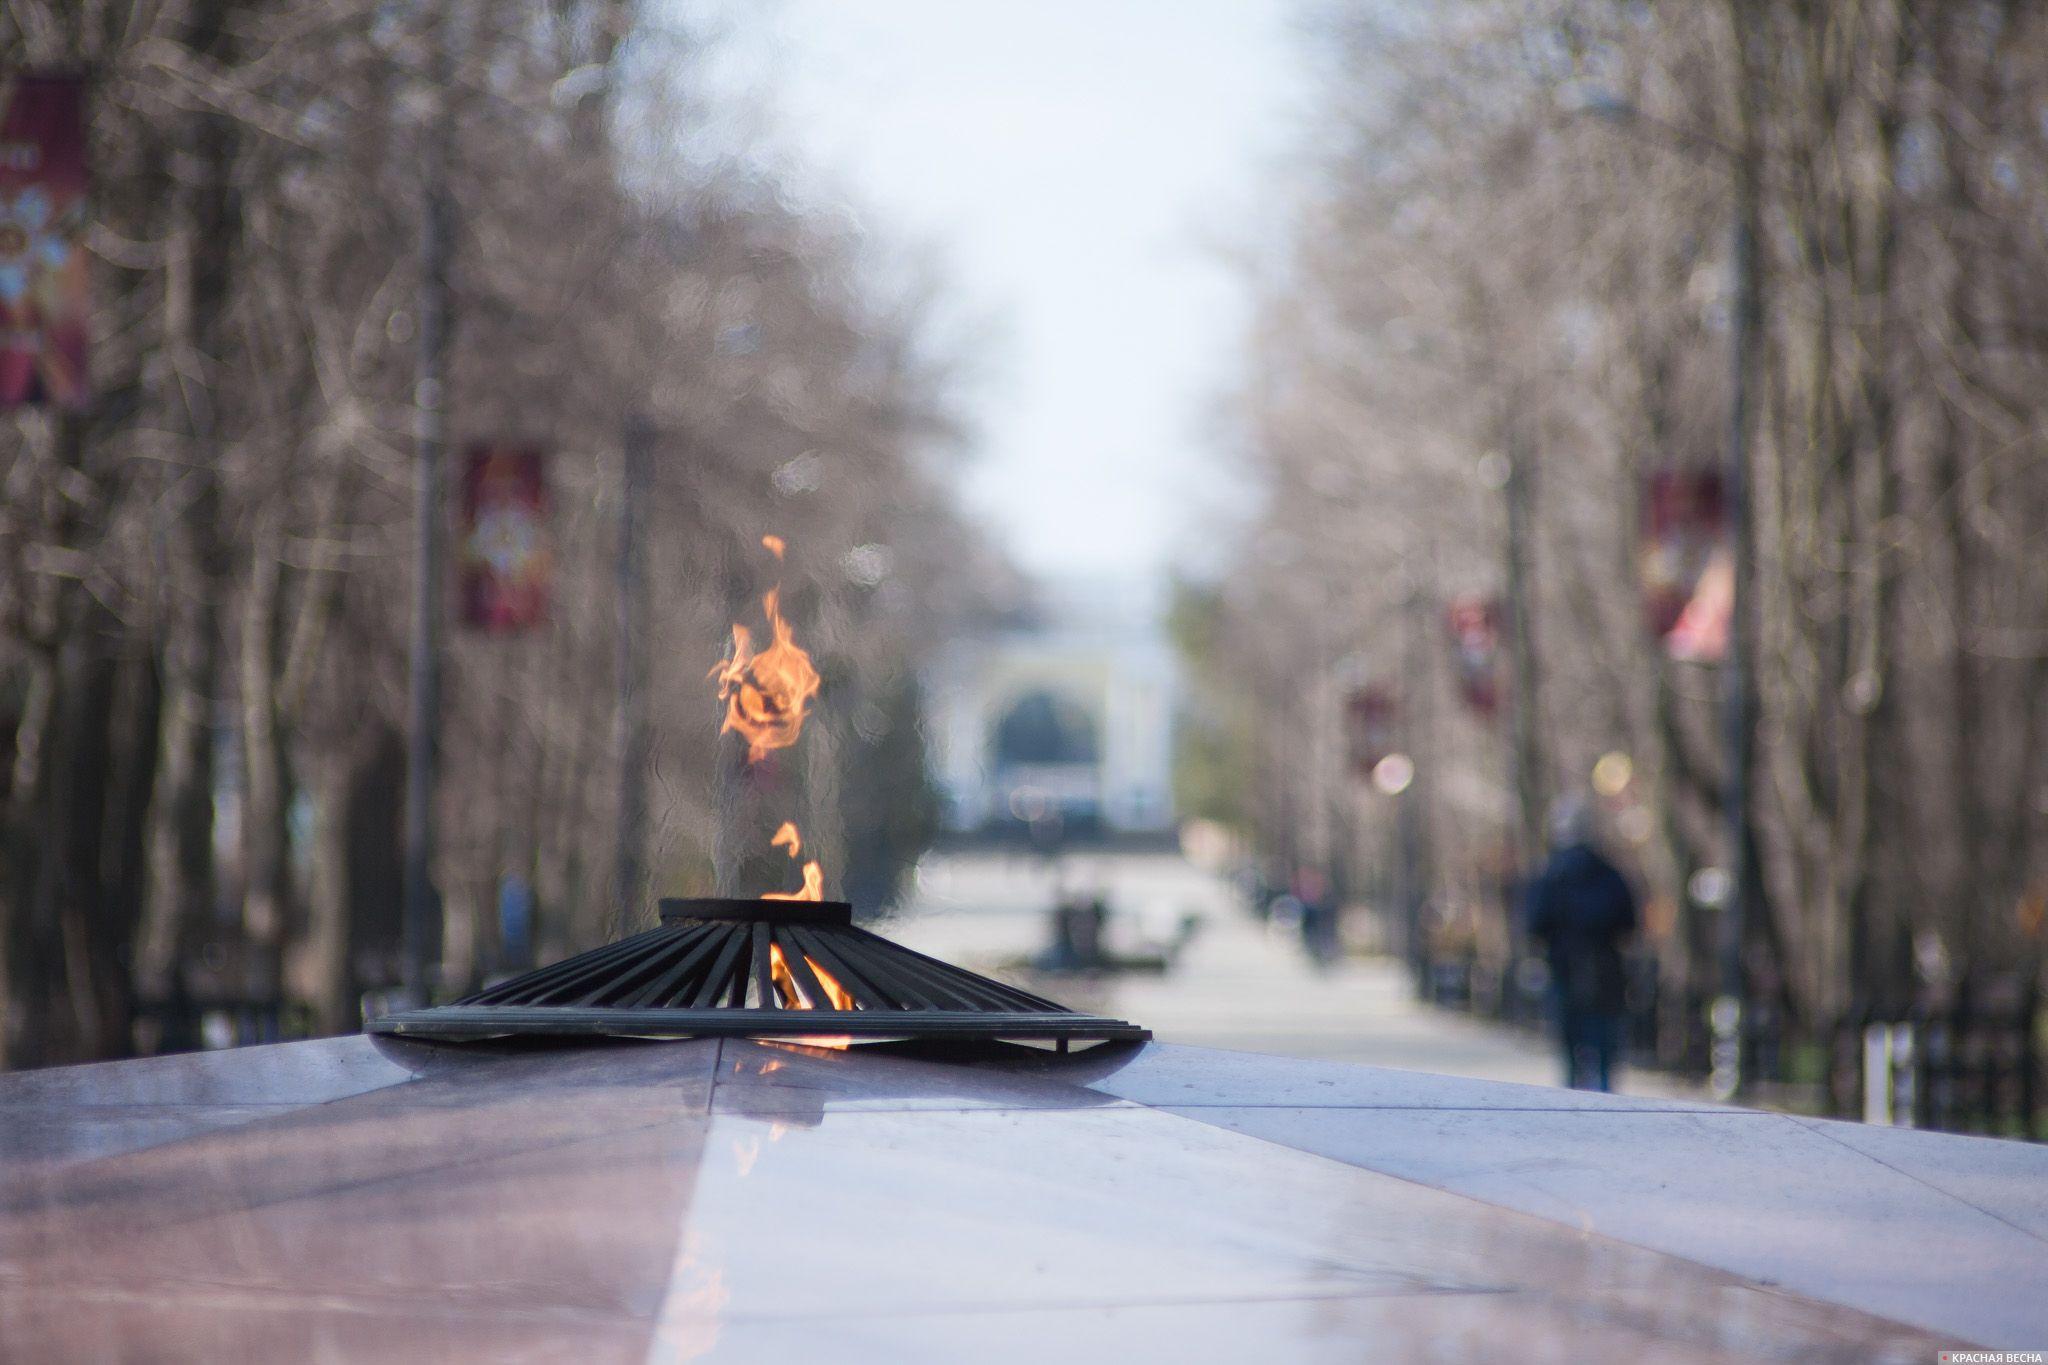 среднем вечный огонь в подольске картинка омлет